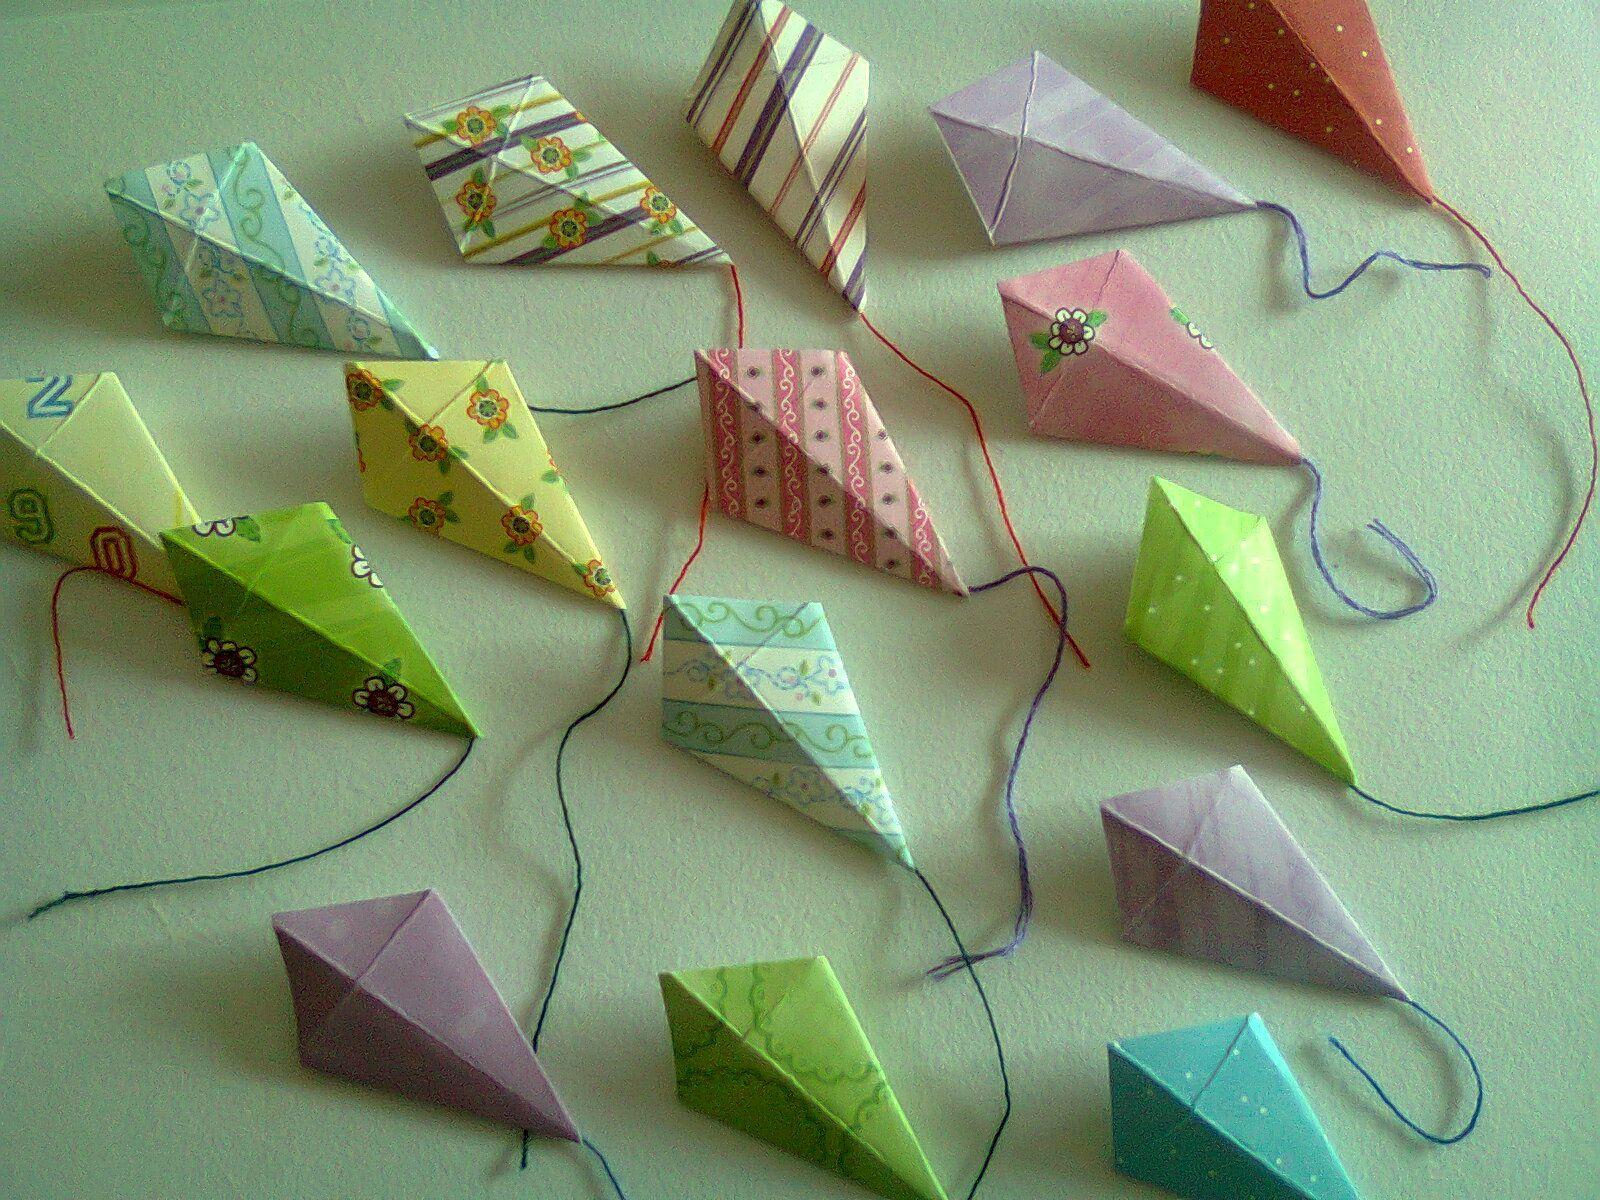 origami kite | Kites | Pinterest | Kites, Origami and 3D Origami